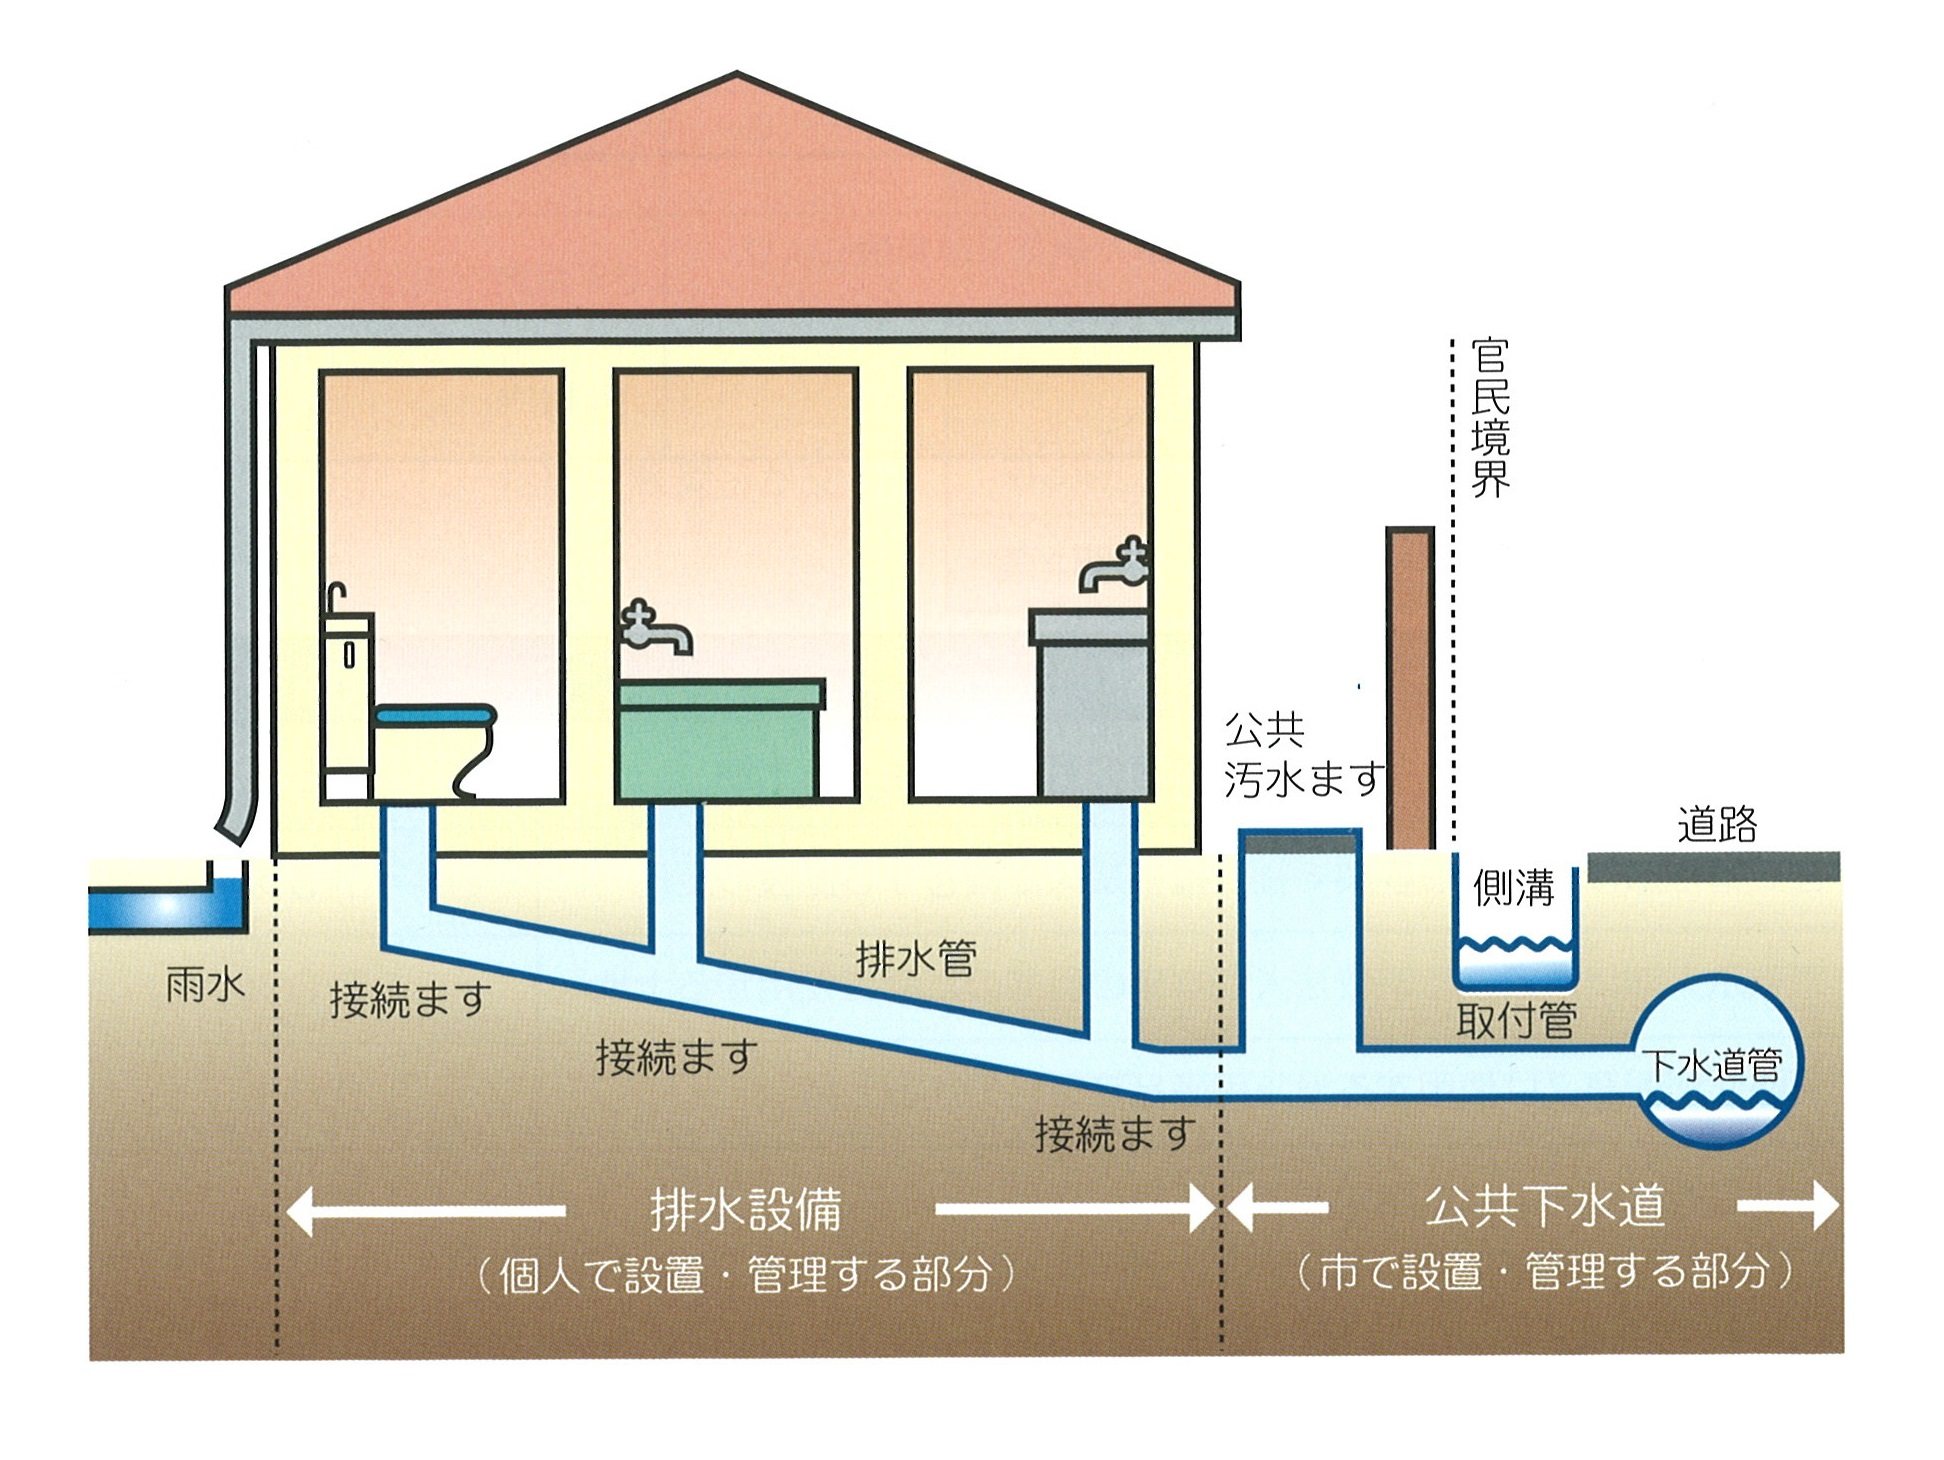 小美玉市 排水設備工事(公共下水道・農業集落排水共通)